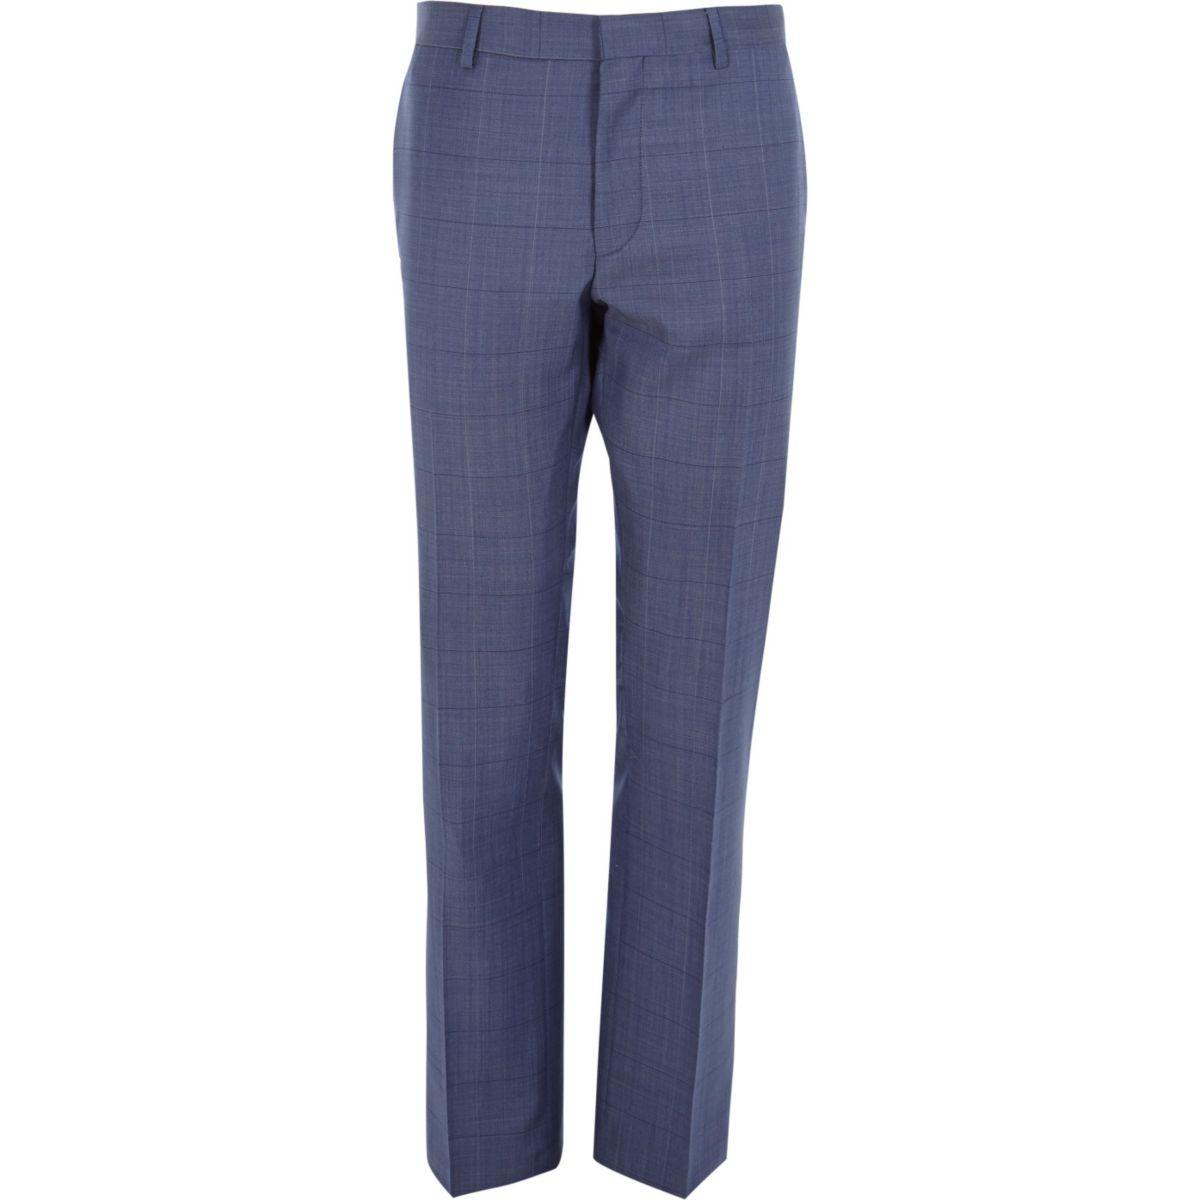 Schmal geschnittene karierte Anzughose aus Wollmischung